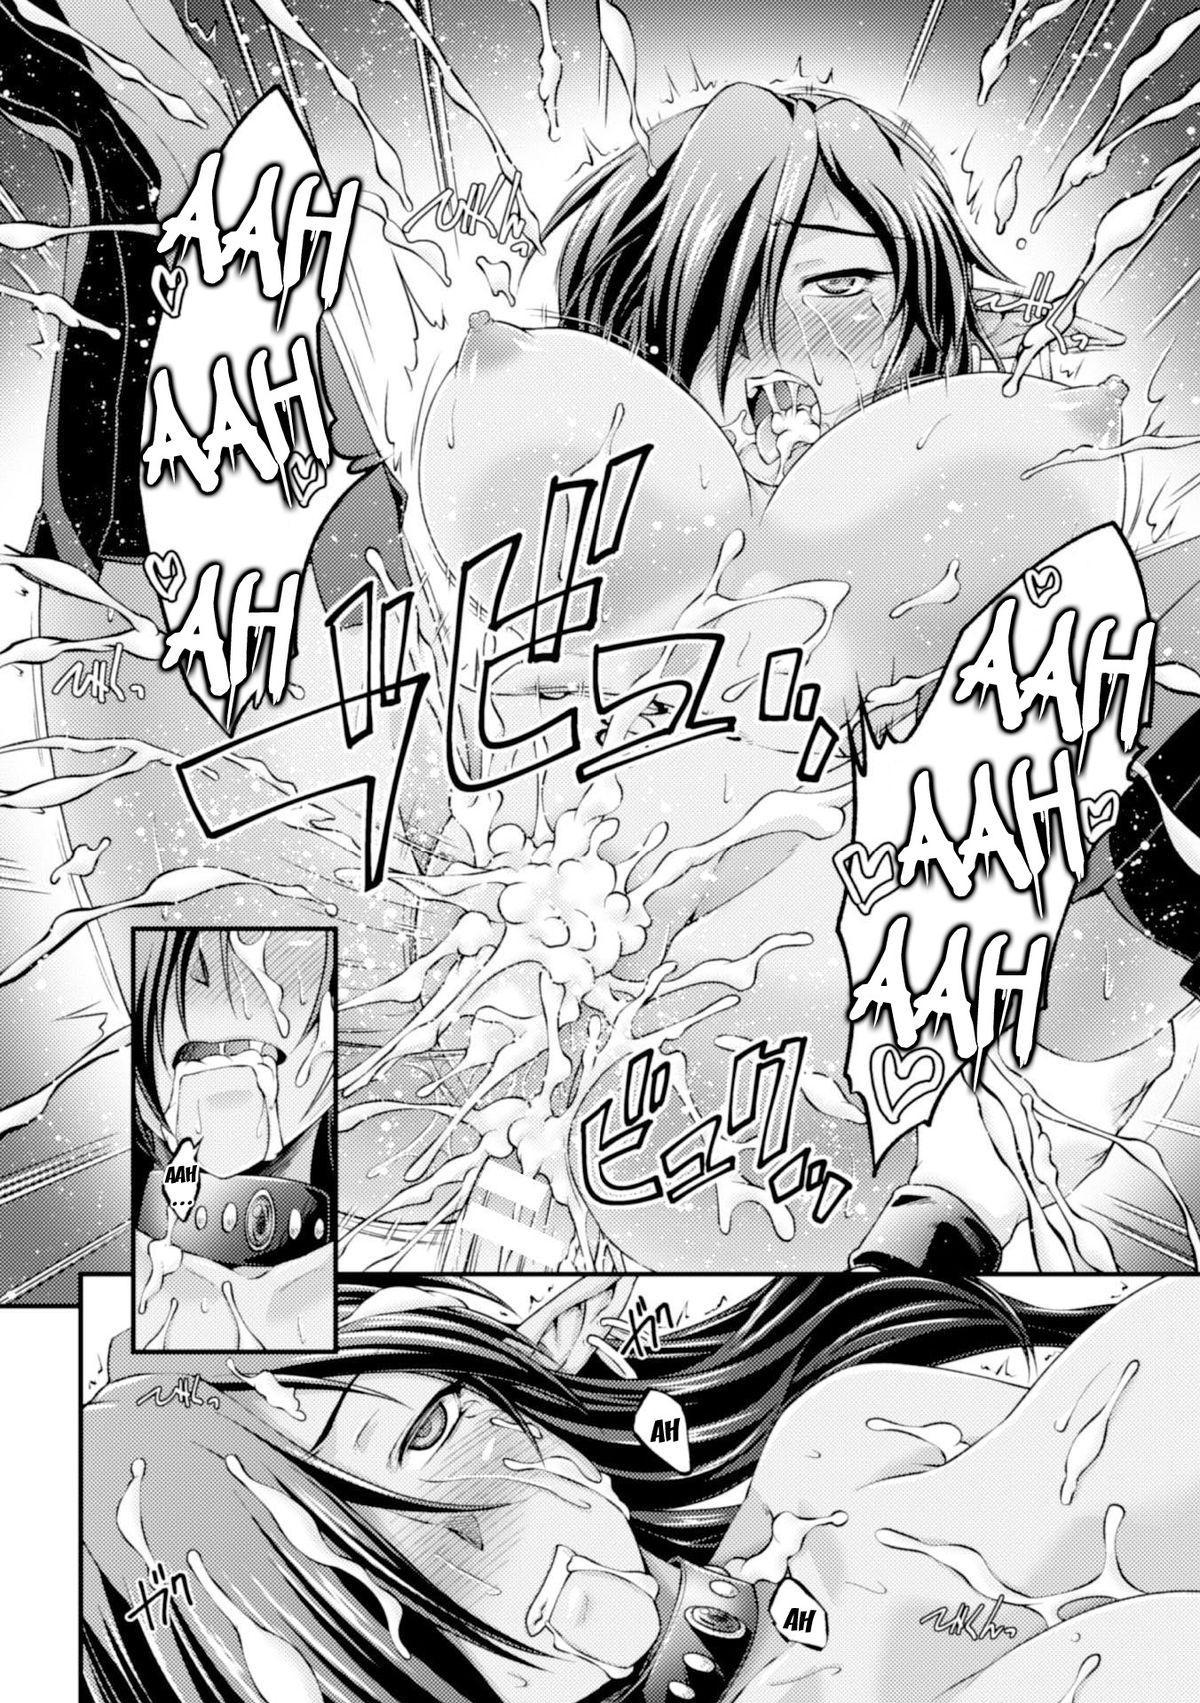 [Ootsuki Wataru] Kuroinu ~Kedakaki Seijo wa Hakudaku ni Somaru~ THE COMIC Chapters 1-5 [English] {Kizlan} [Digital] 17